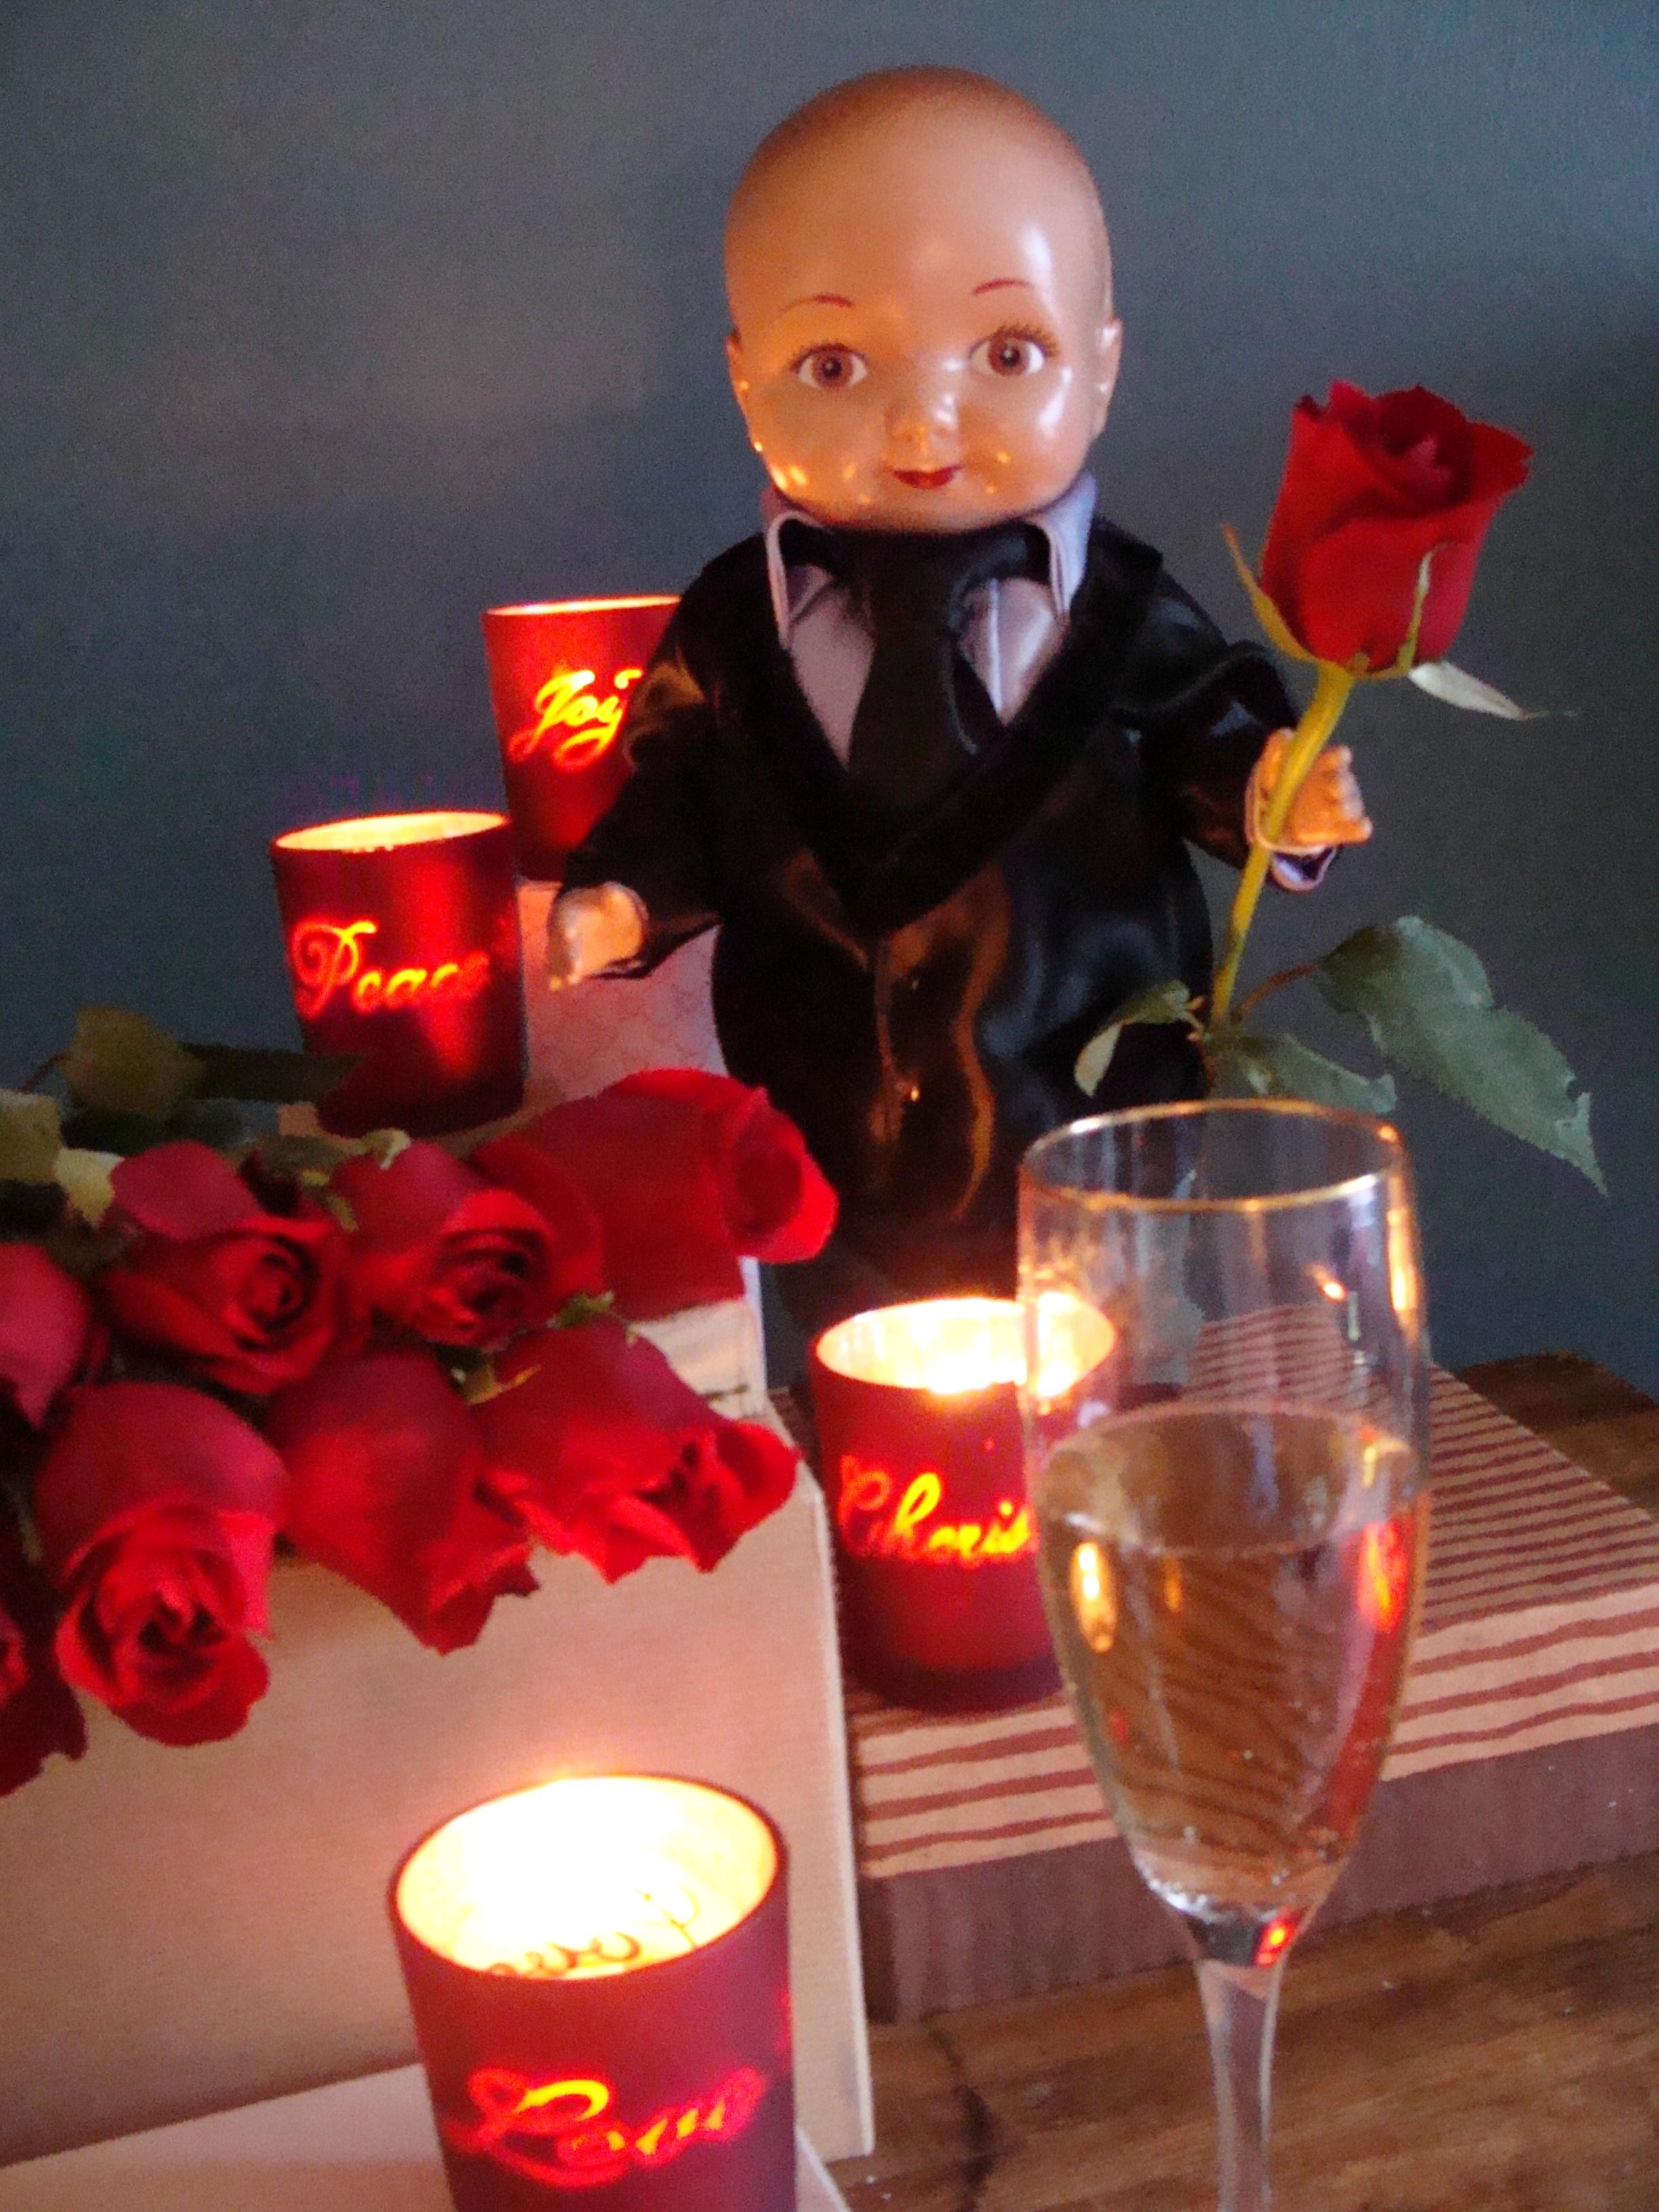 Buddy Ian as The Bachelor